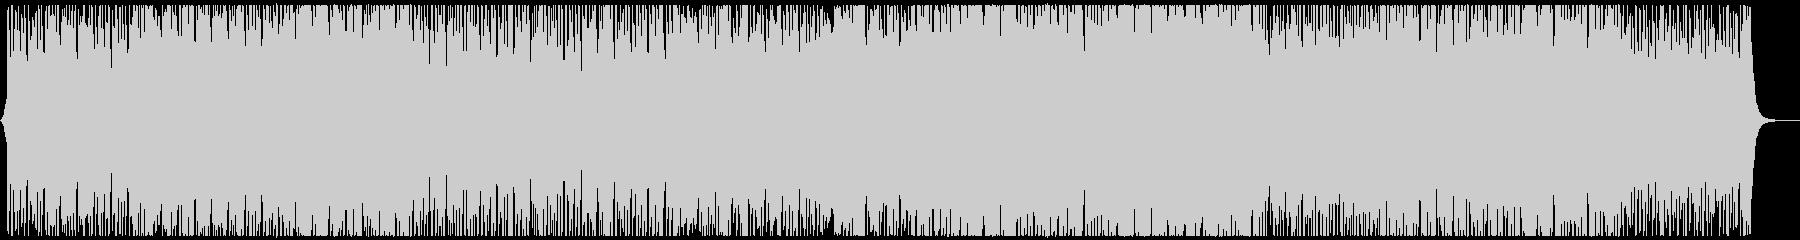 映画・ゲームのバトルBGMの未再生の波形